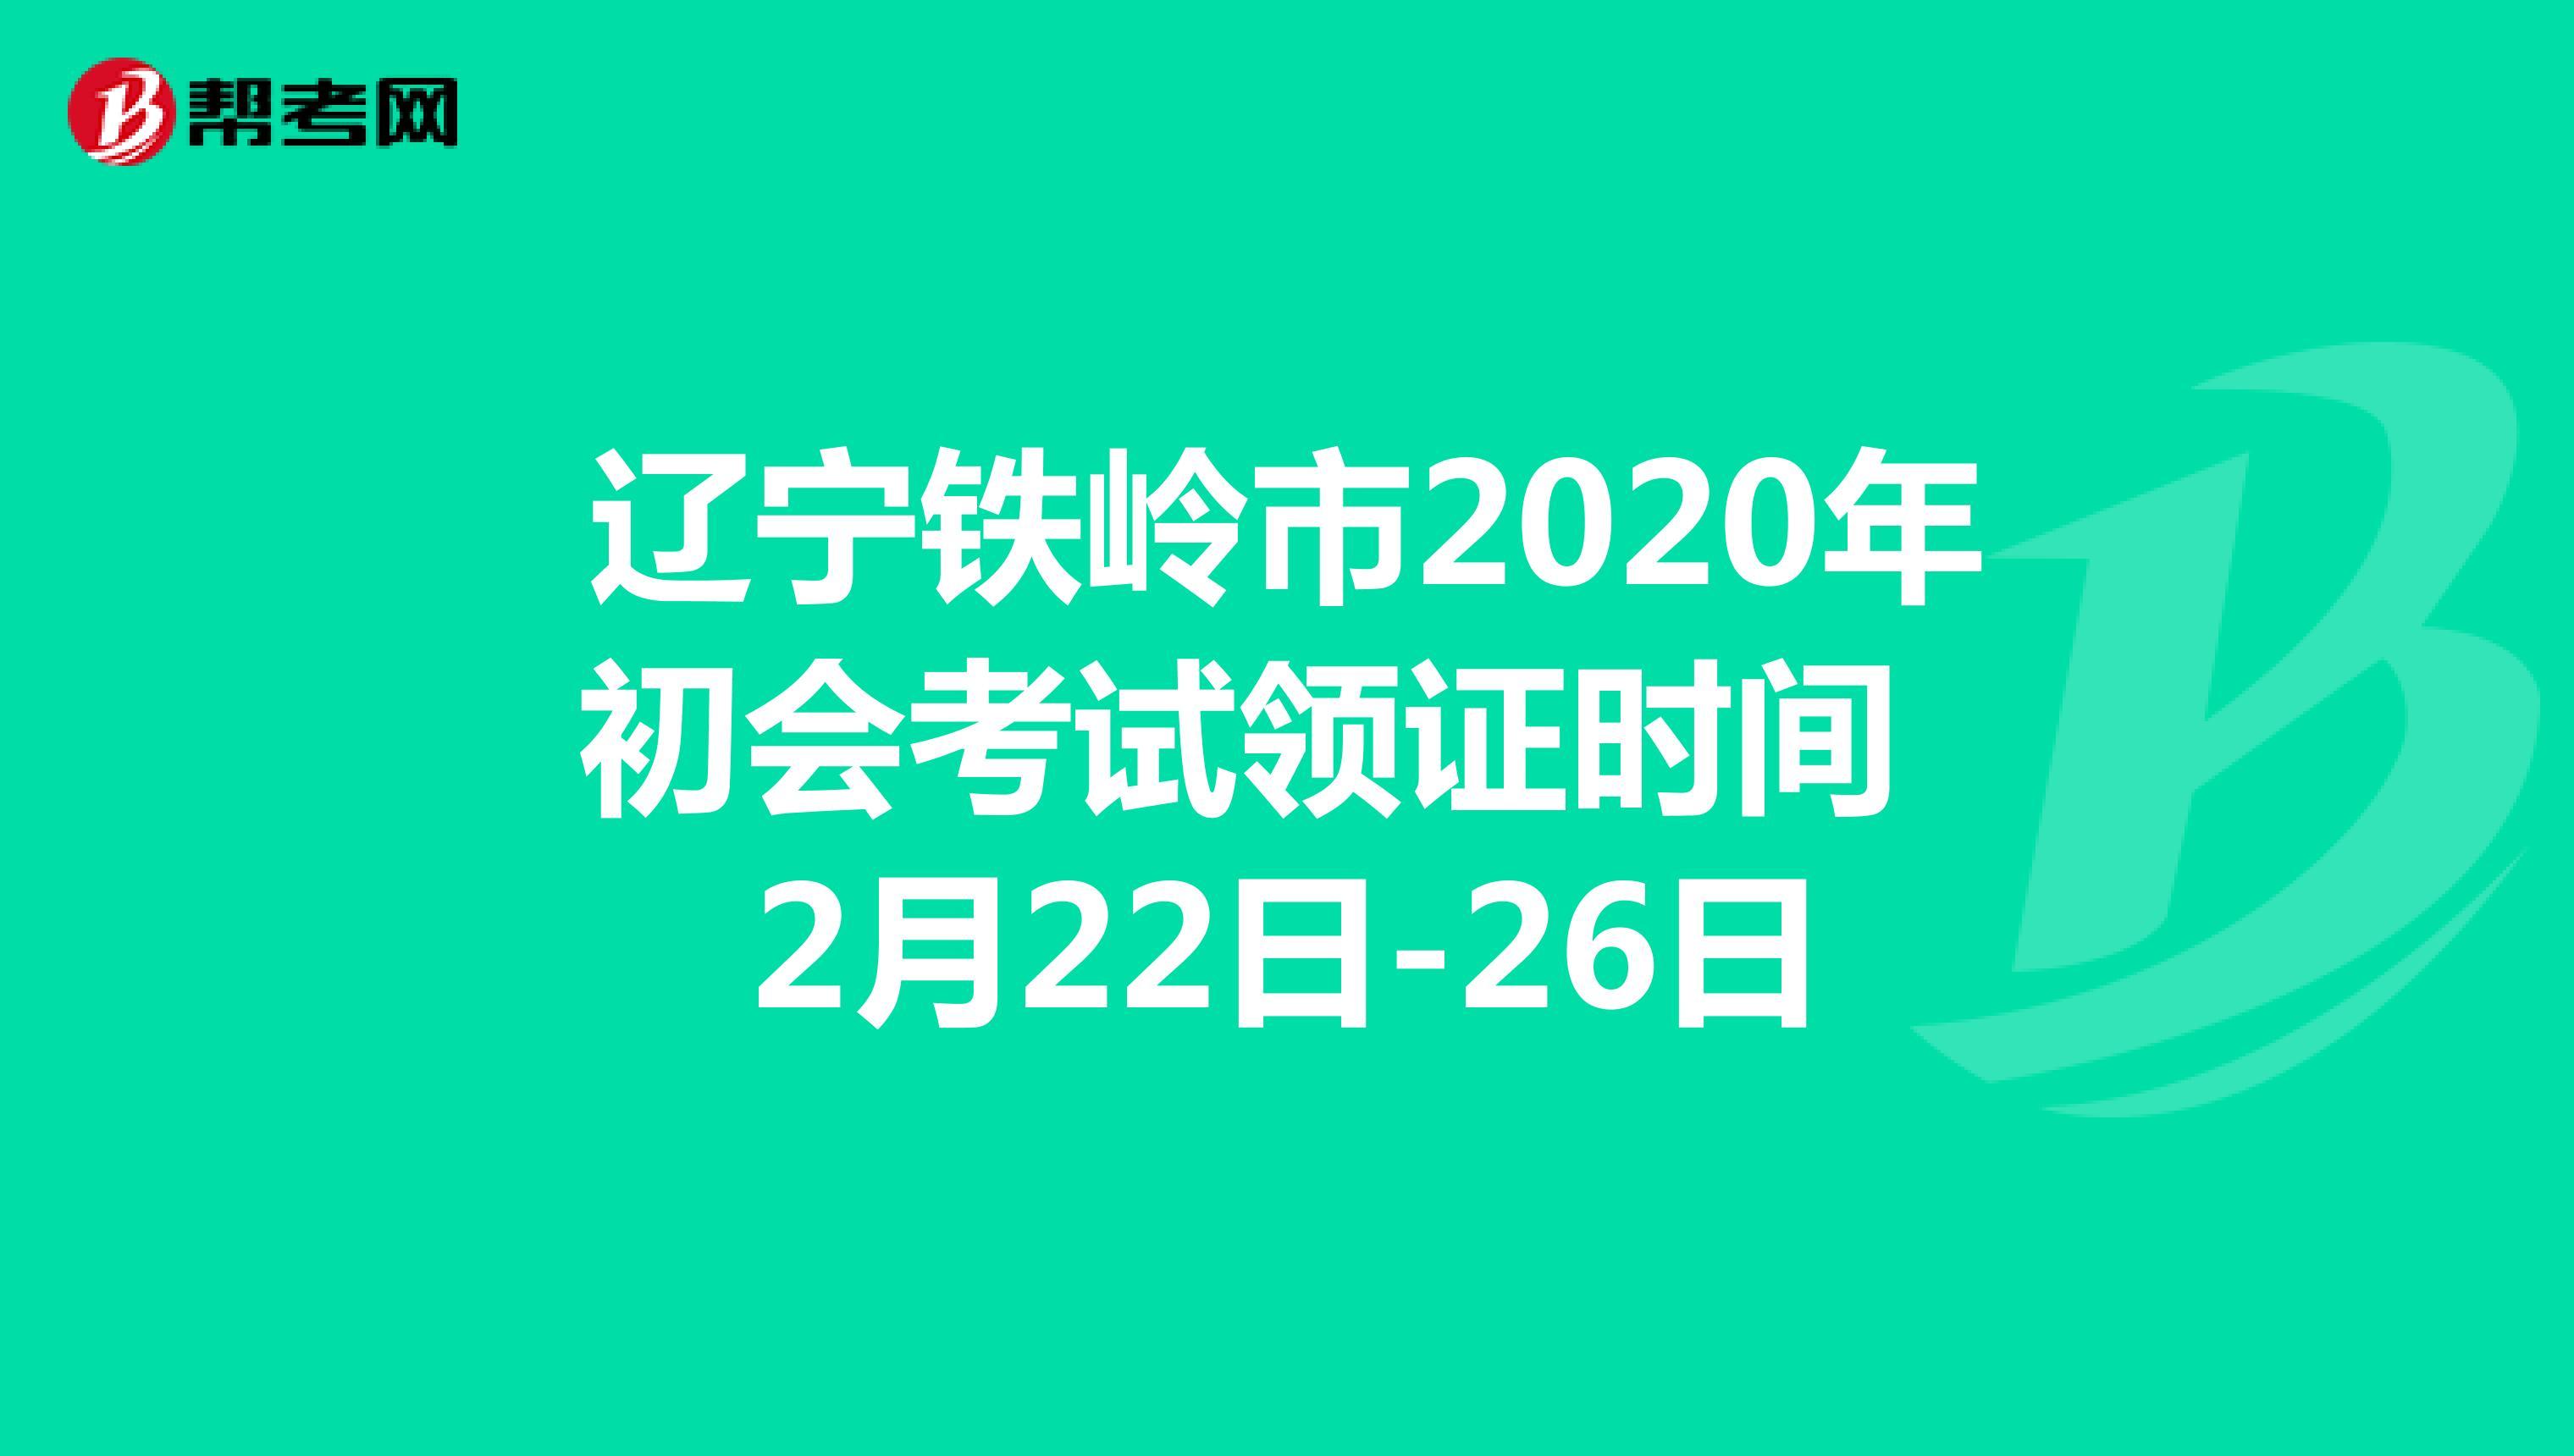 遼寧鐵嶺市2020年初會考試領證時間:2月22日-26日